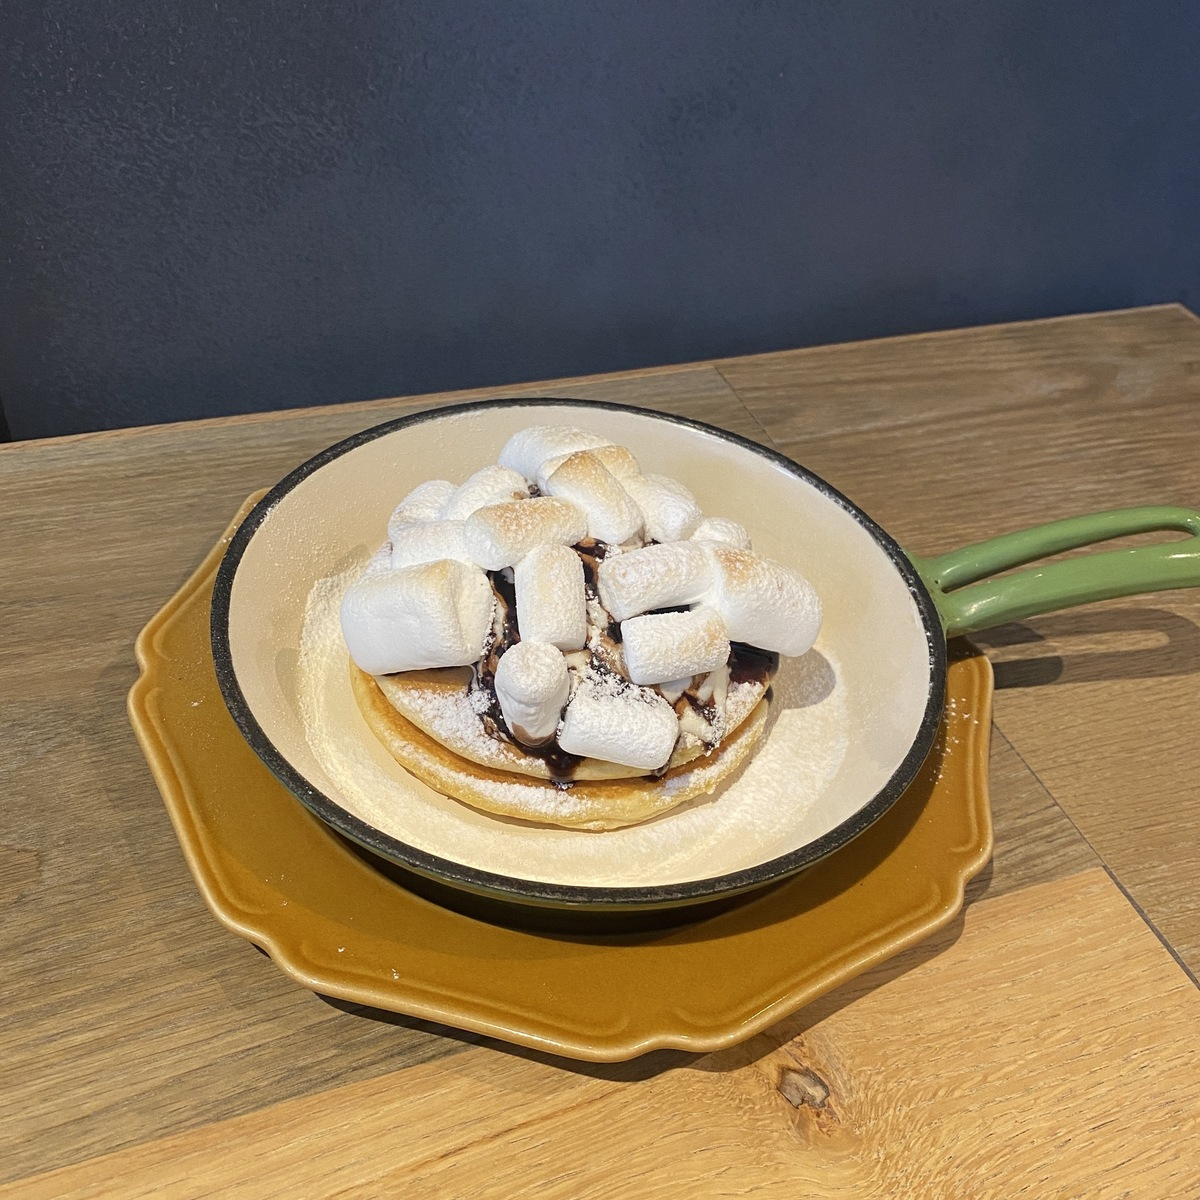 マシュマロ焼きチョコパンケーキ